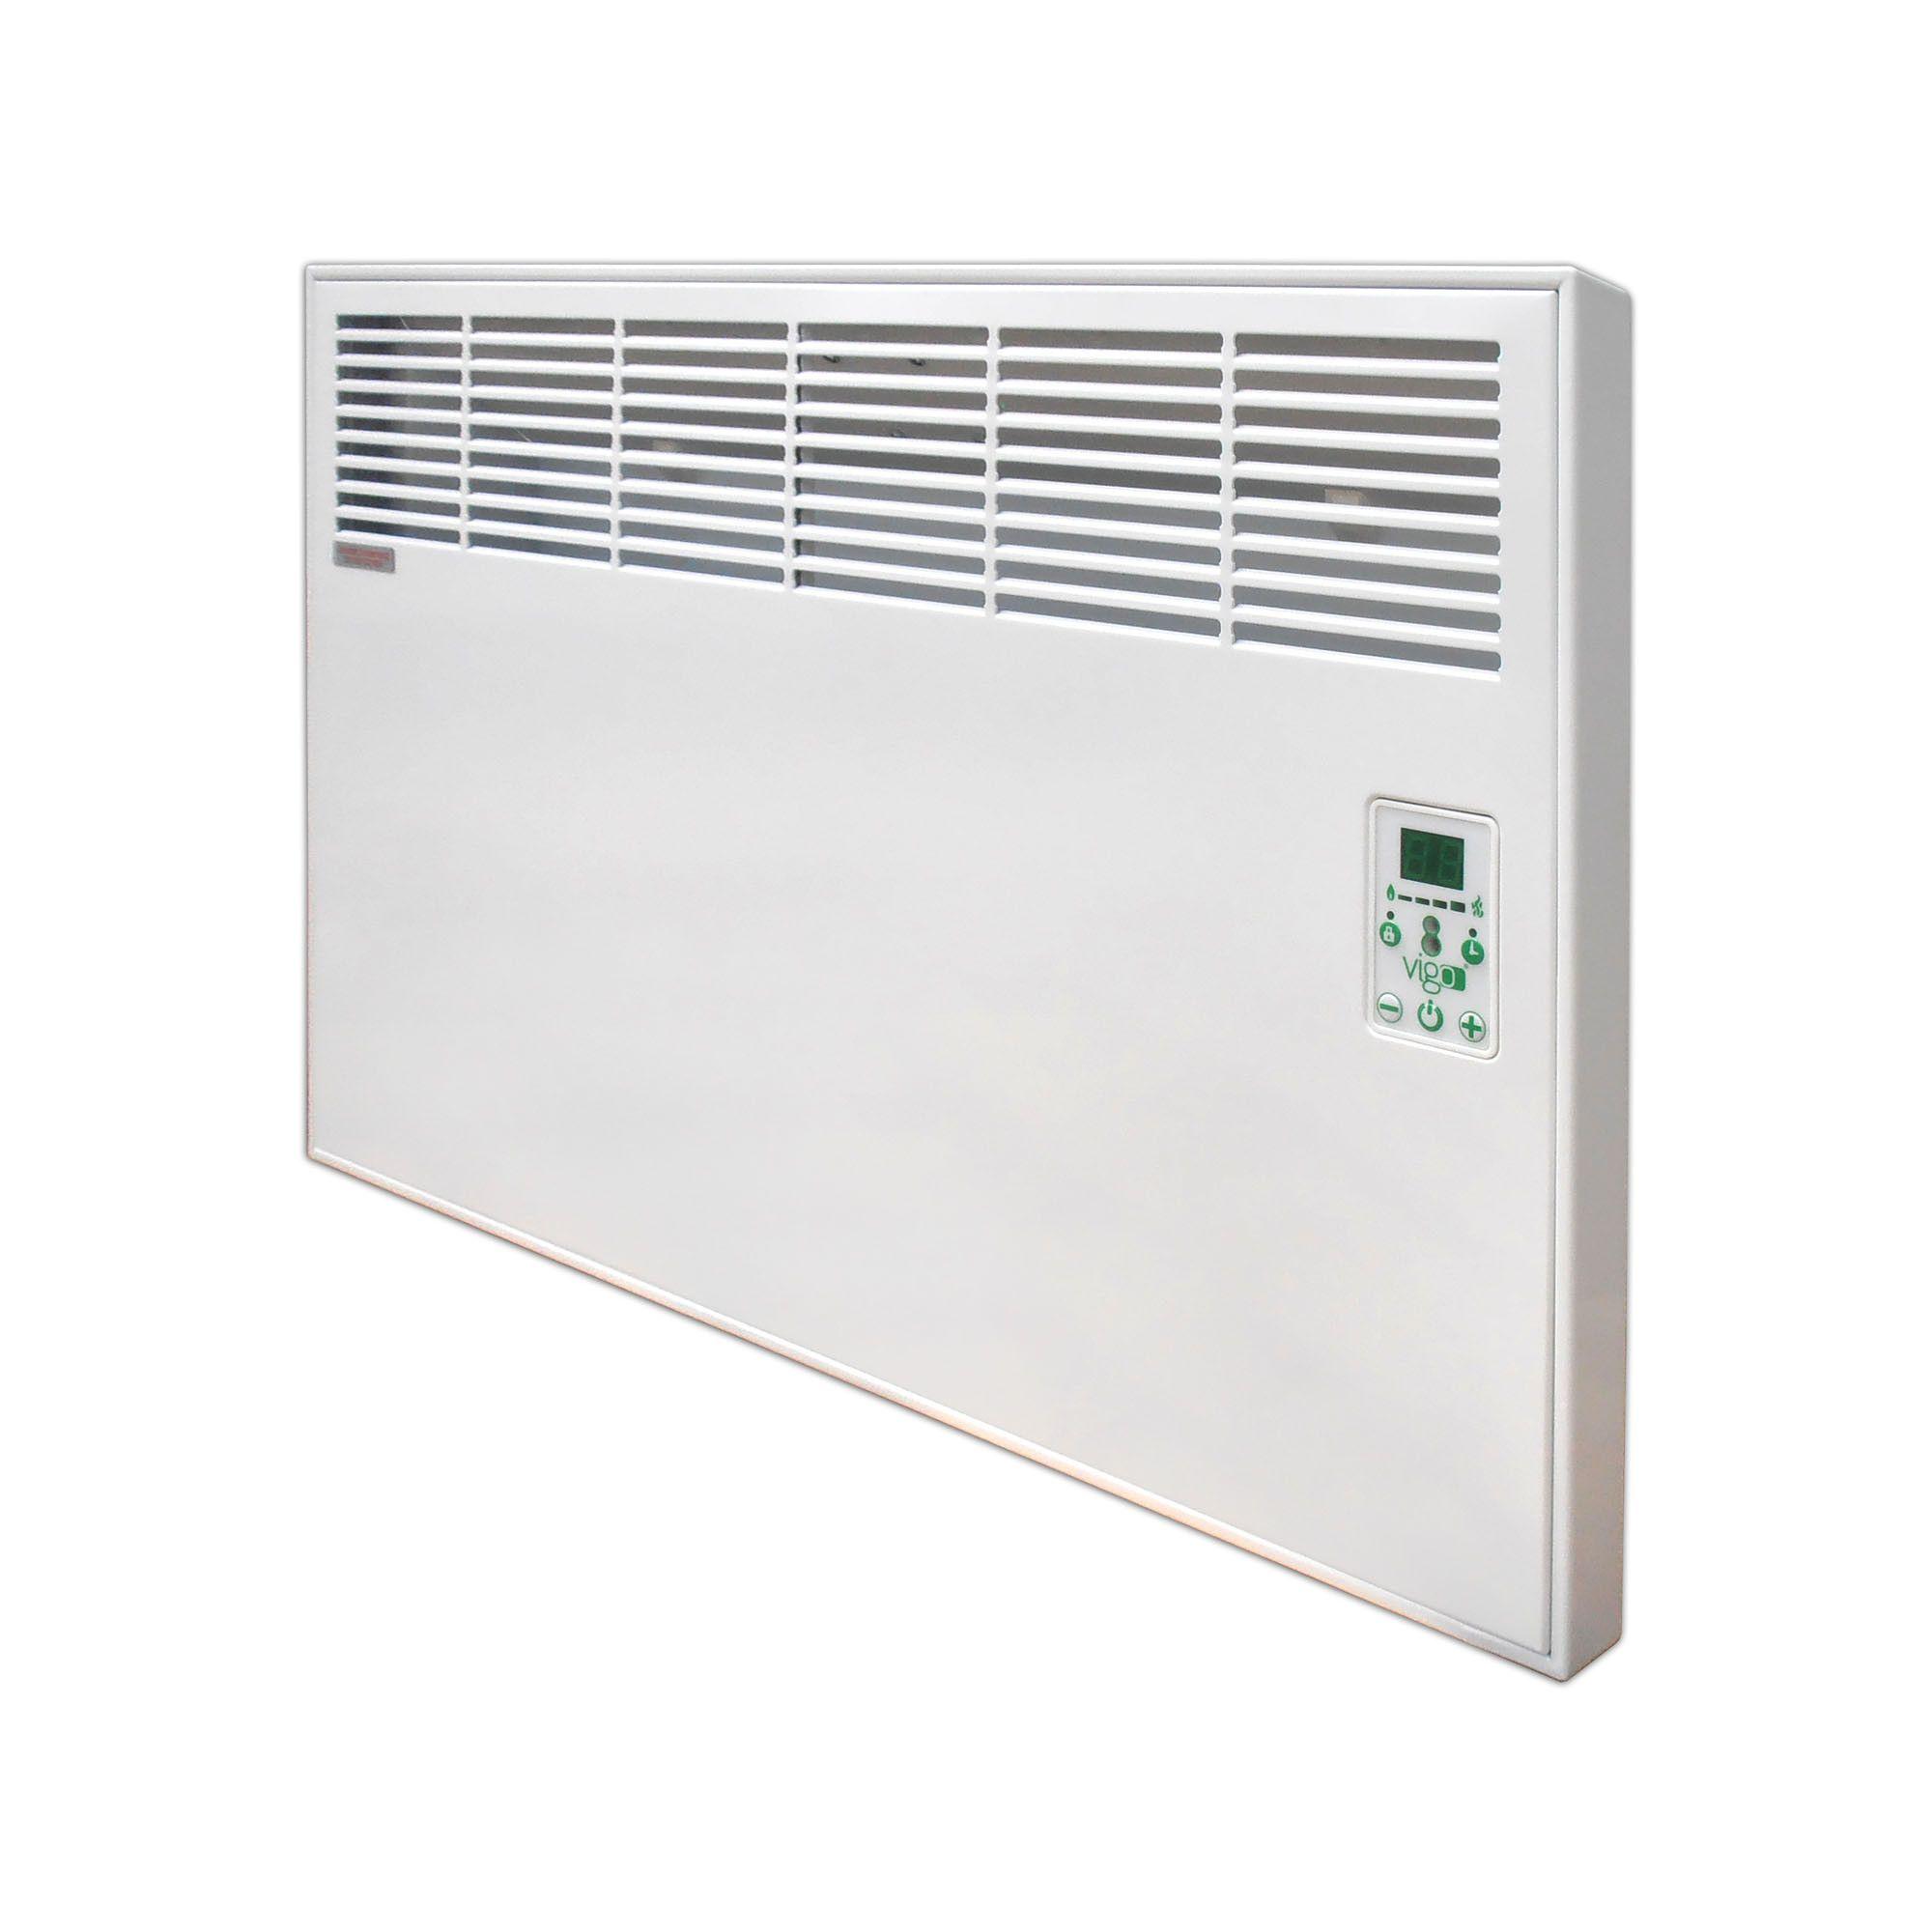 Fotografie Convector digital de perete sau pardoseala Vigo EPK 2000 W, control electronic, Termostat de siguranta, termostat reglabil, IP 24, ERP 2018